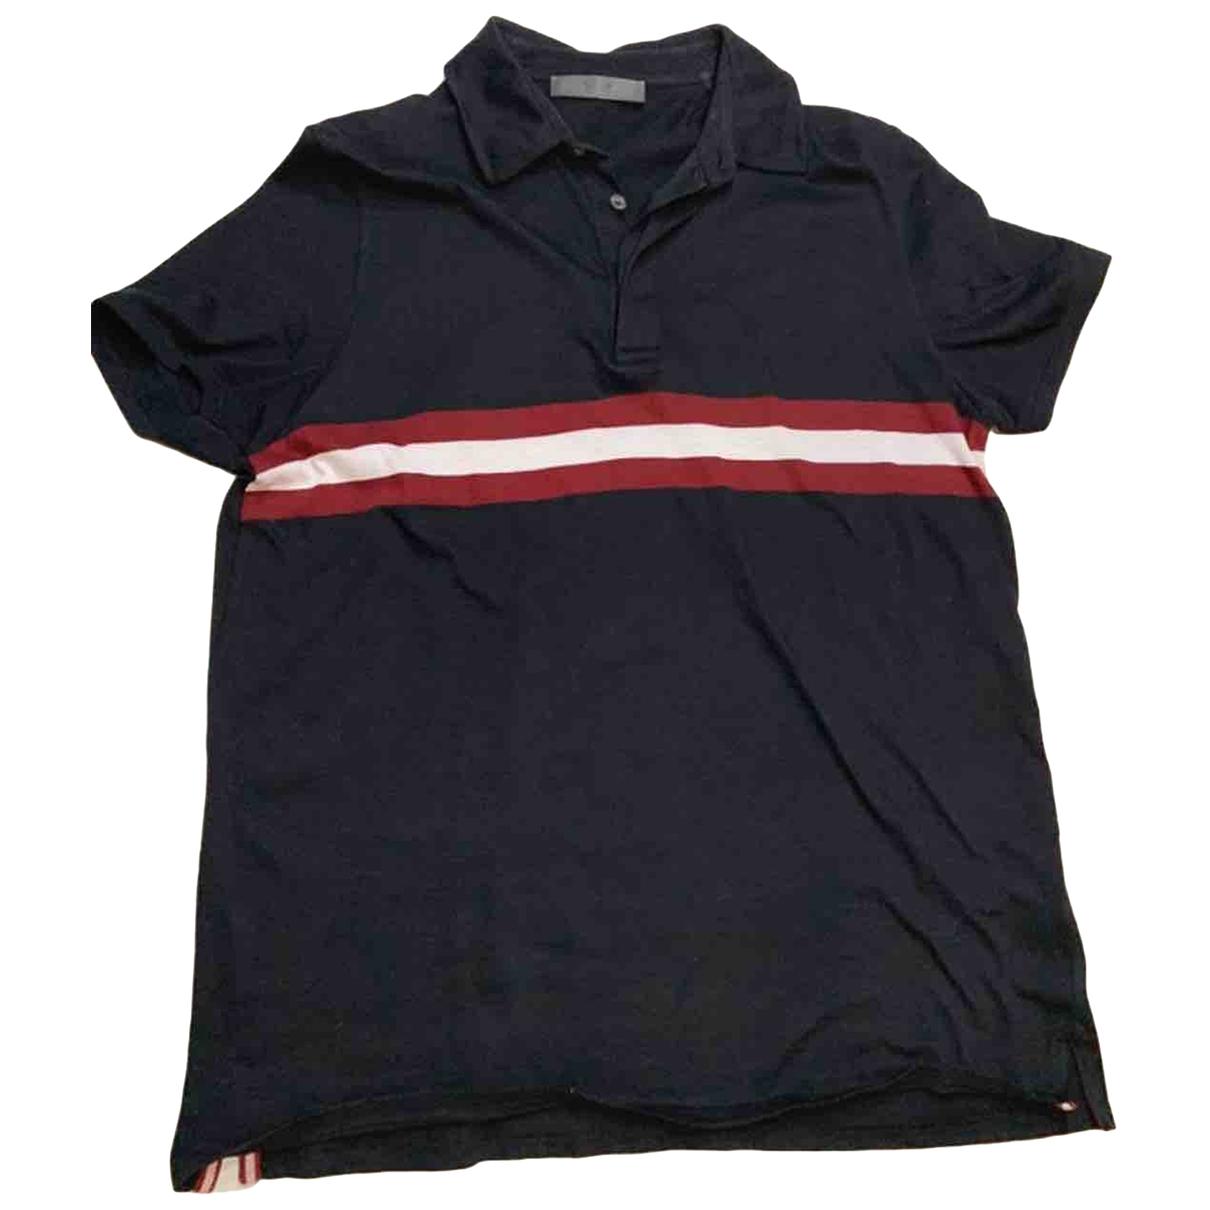 Bally - Tee shirts   pour homme en coton - noir